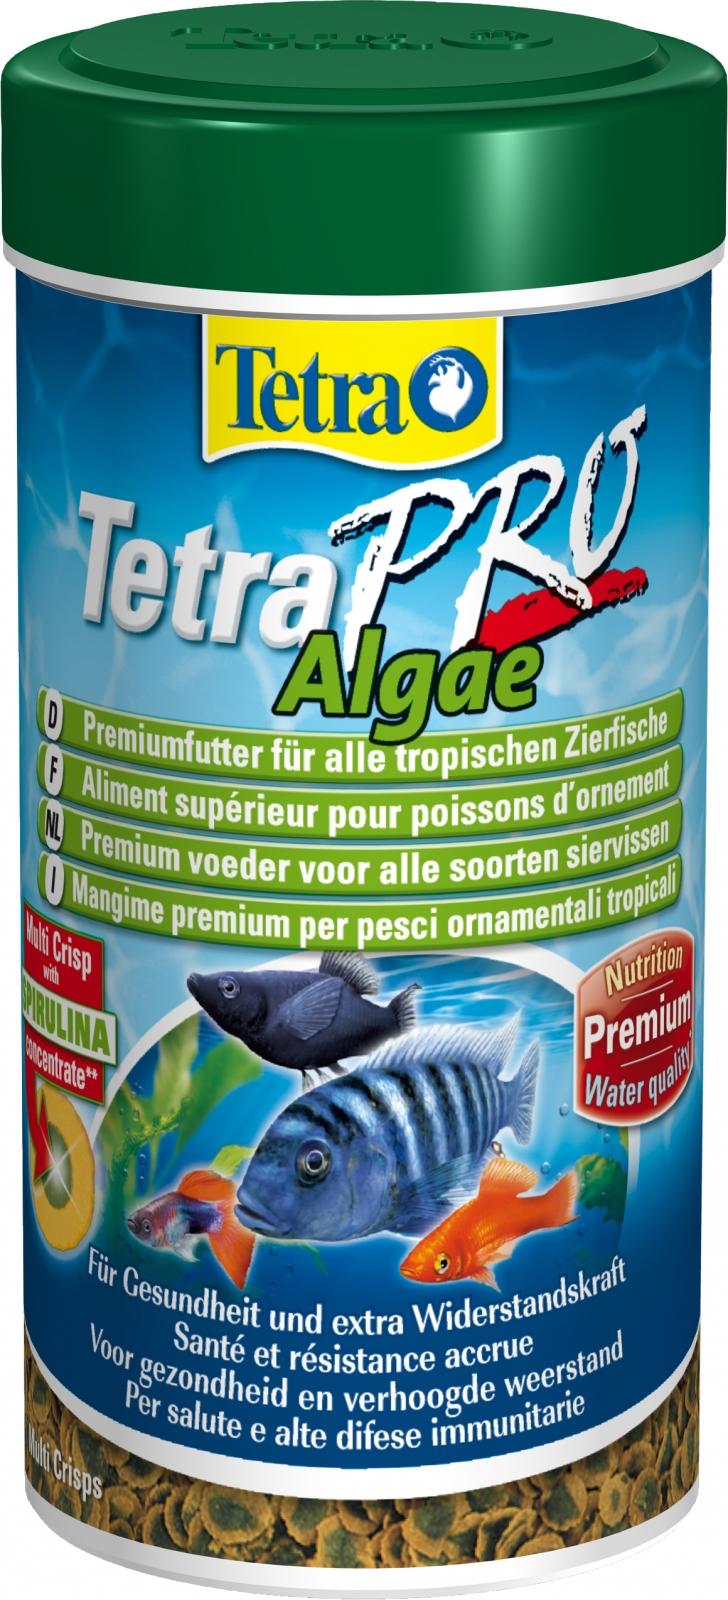 TETRA Pro Algae 250 ml aliment en chips de qualité supérieure à base d\'algues pour poissons d\'ornement herbivores